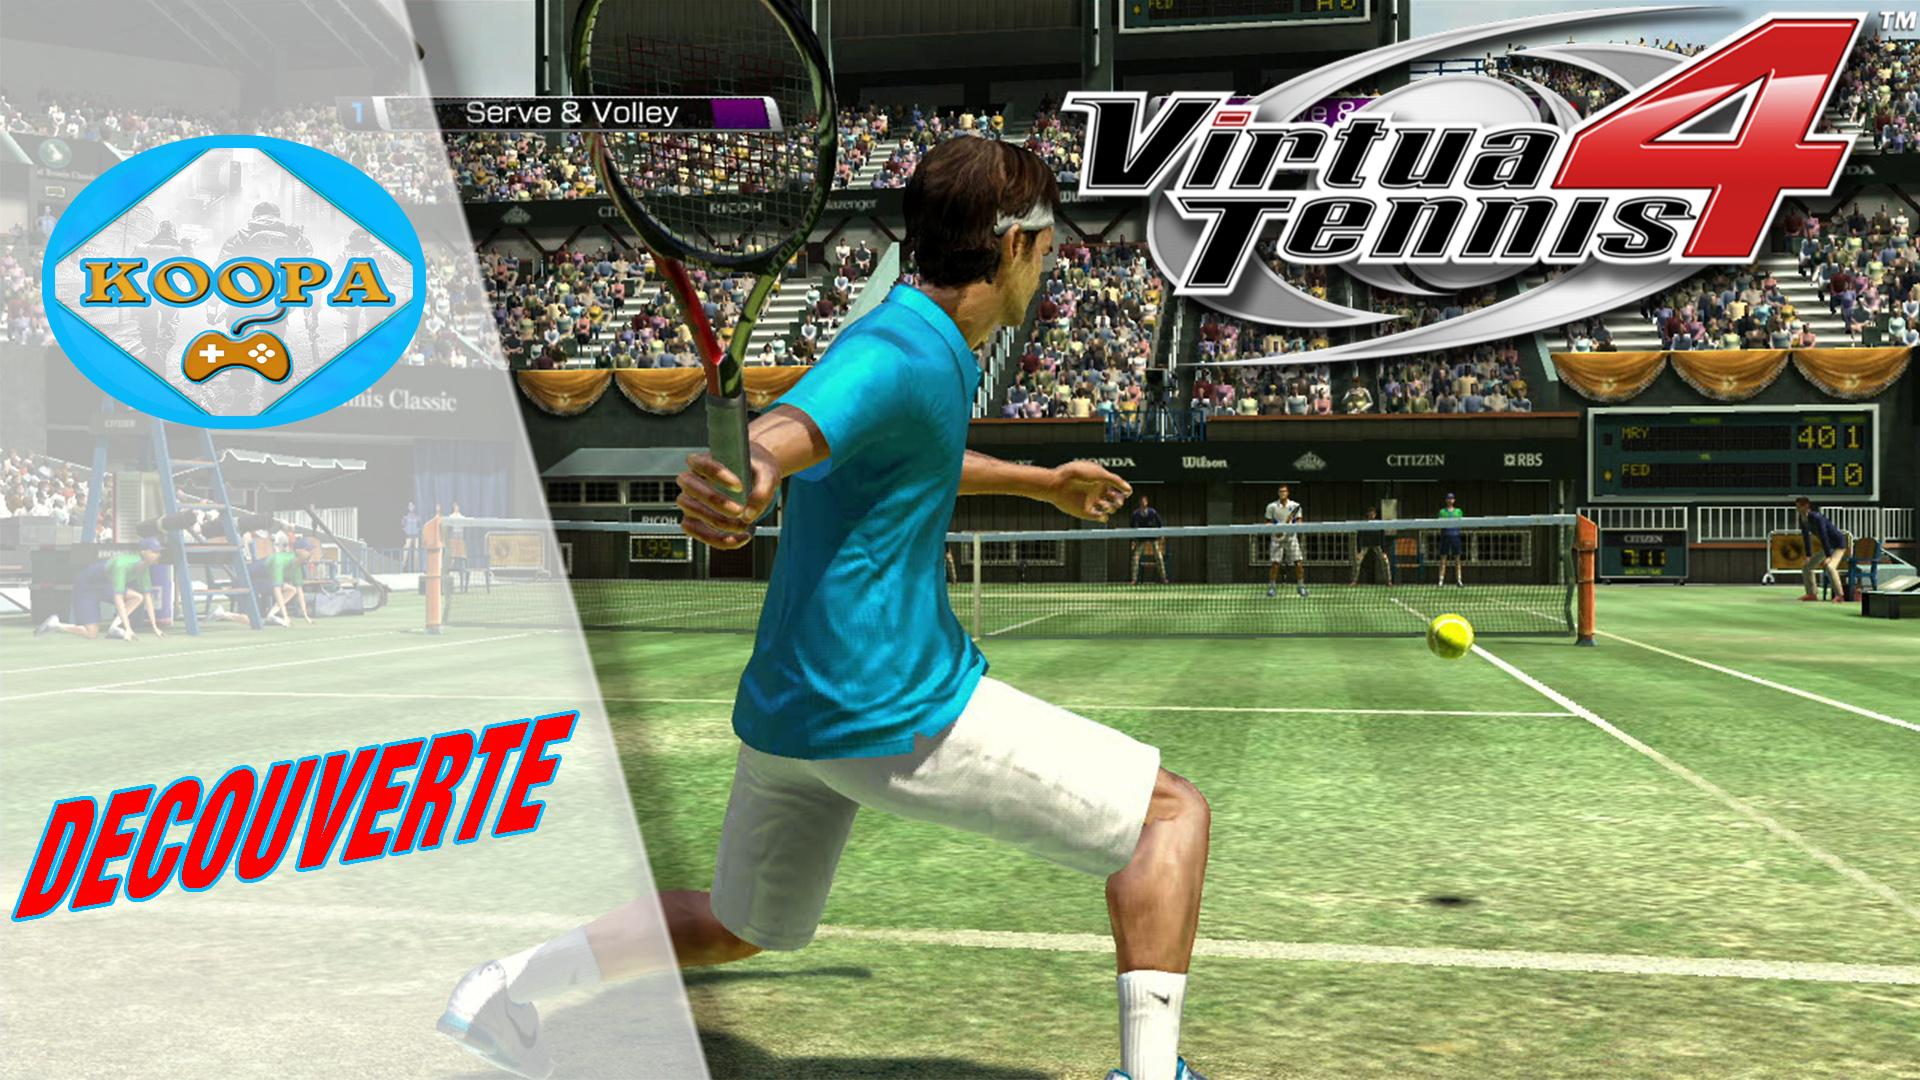 Début de carrière difficile - Virtua Tennis 4